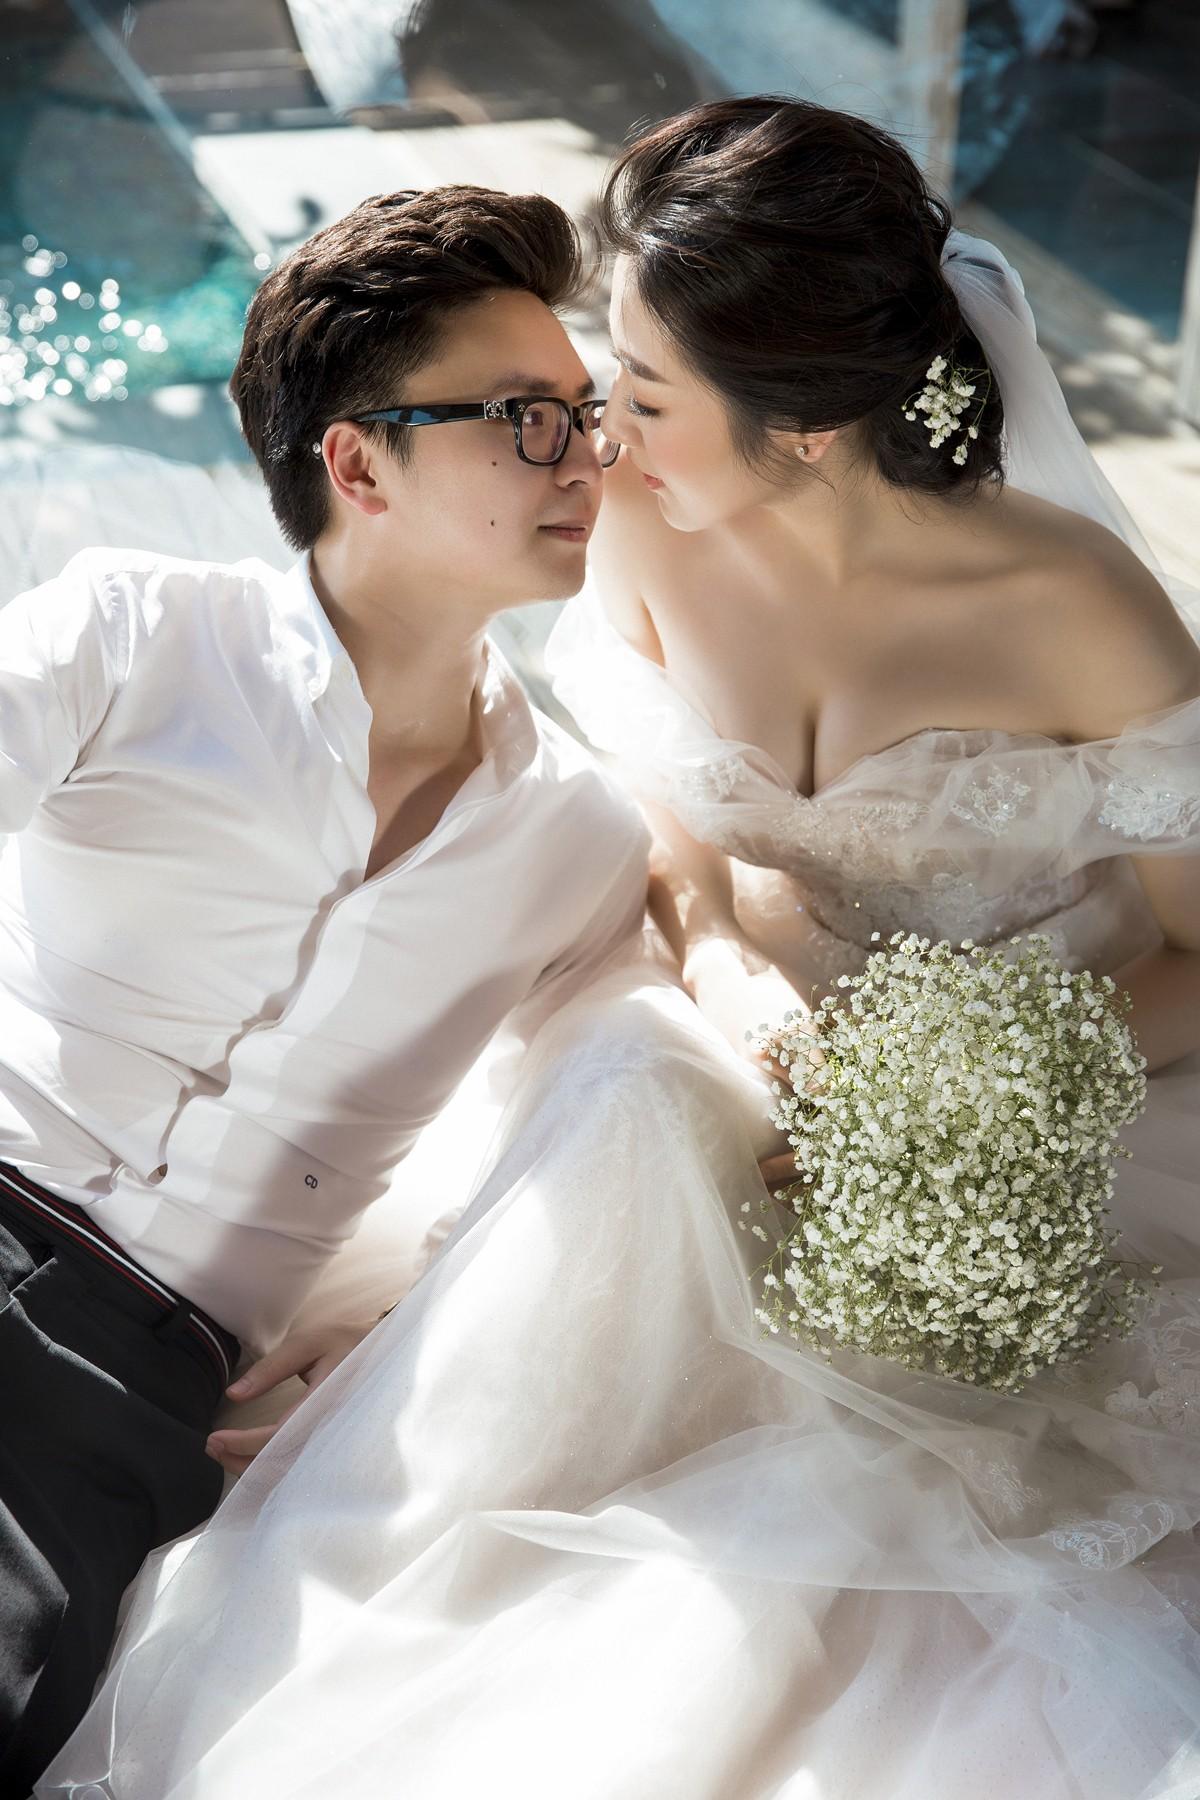 Trước ngày cưới 2 ngày, Á hậu Tú Anh khoe loạt ảnh cưới sang chảnh ngoài biển - Ảnh 10.